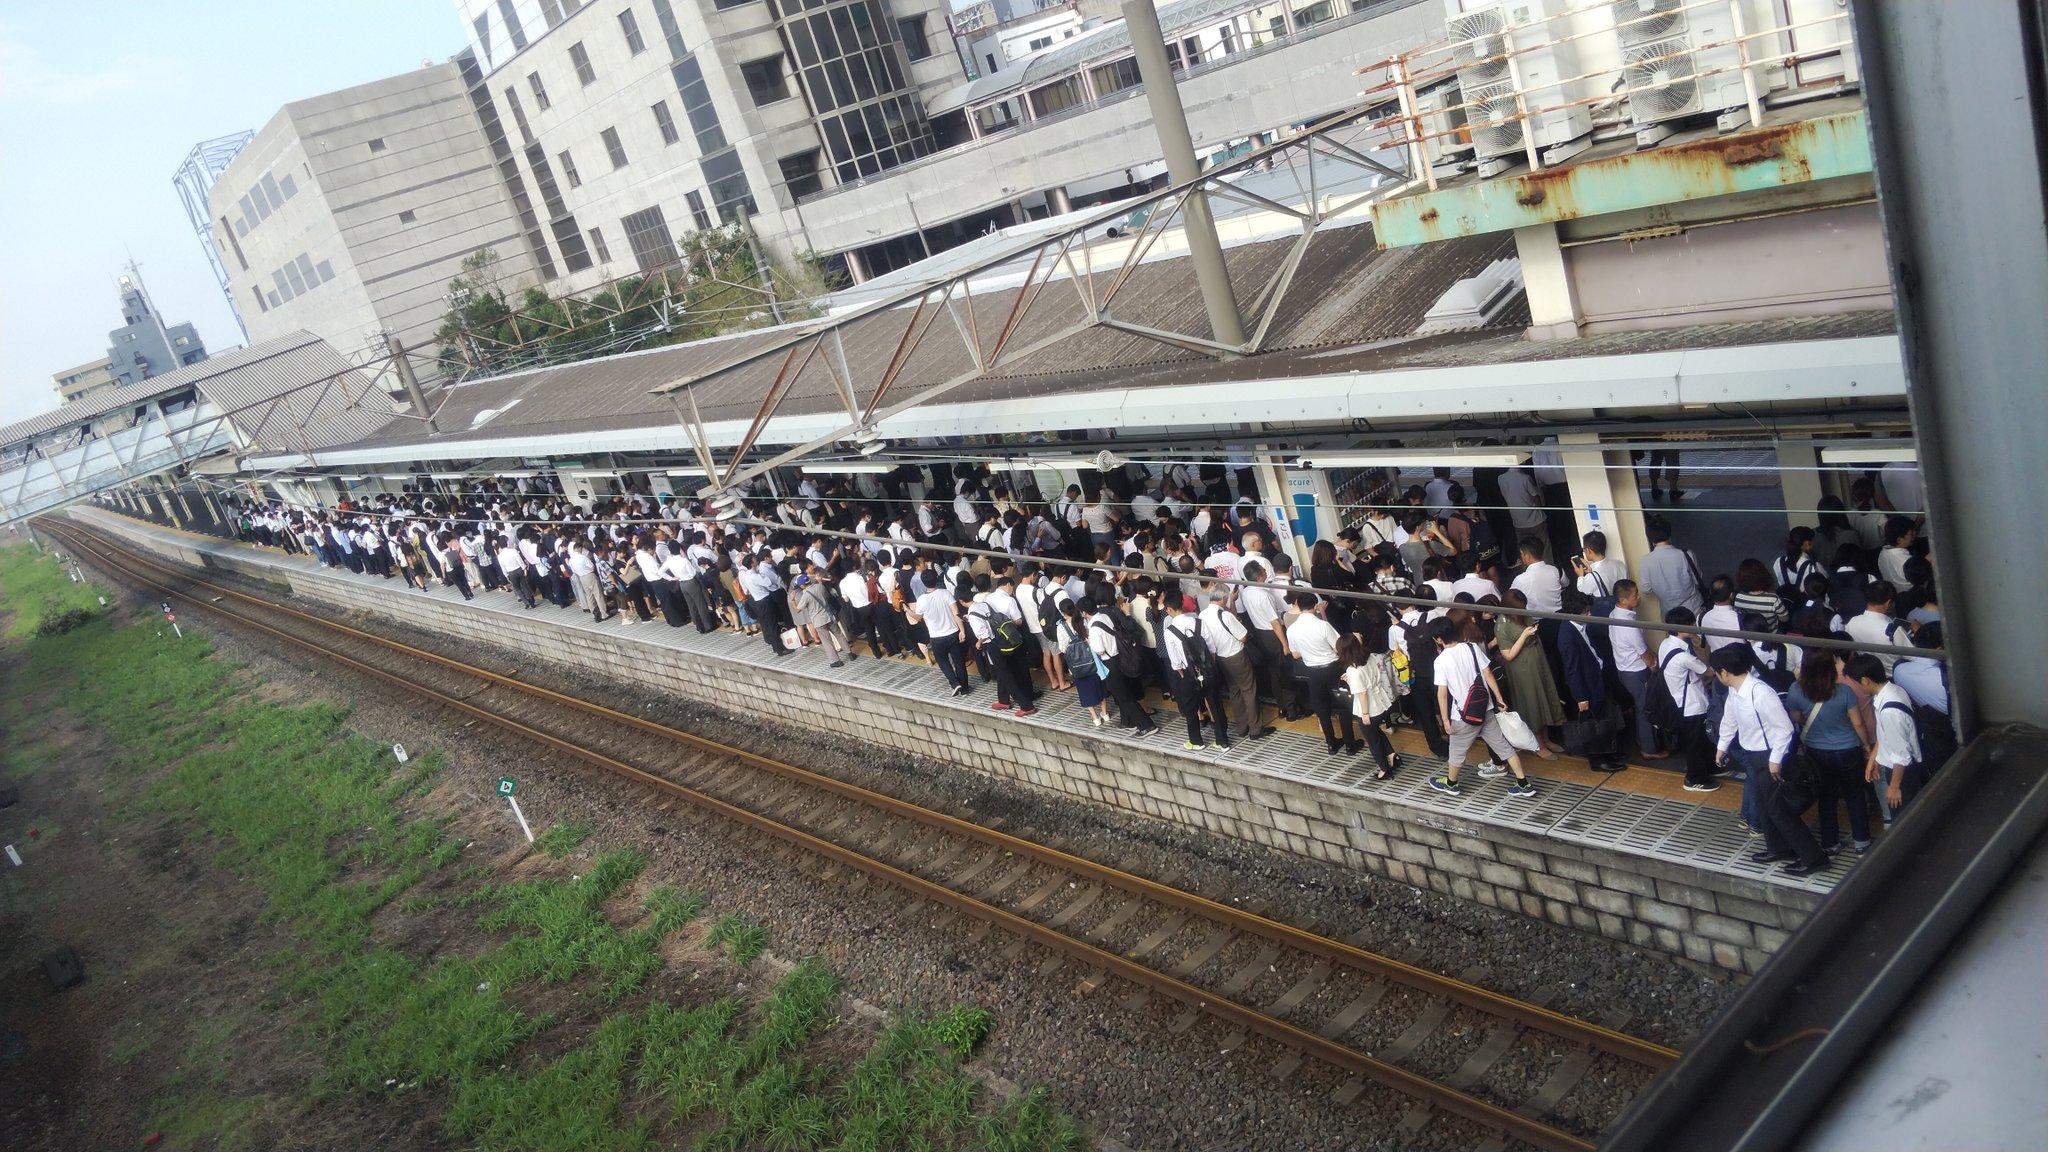 内房線の五井駅が混雑し入場規制が掛かっている現場の画像